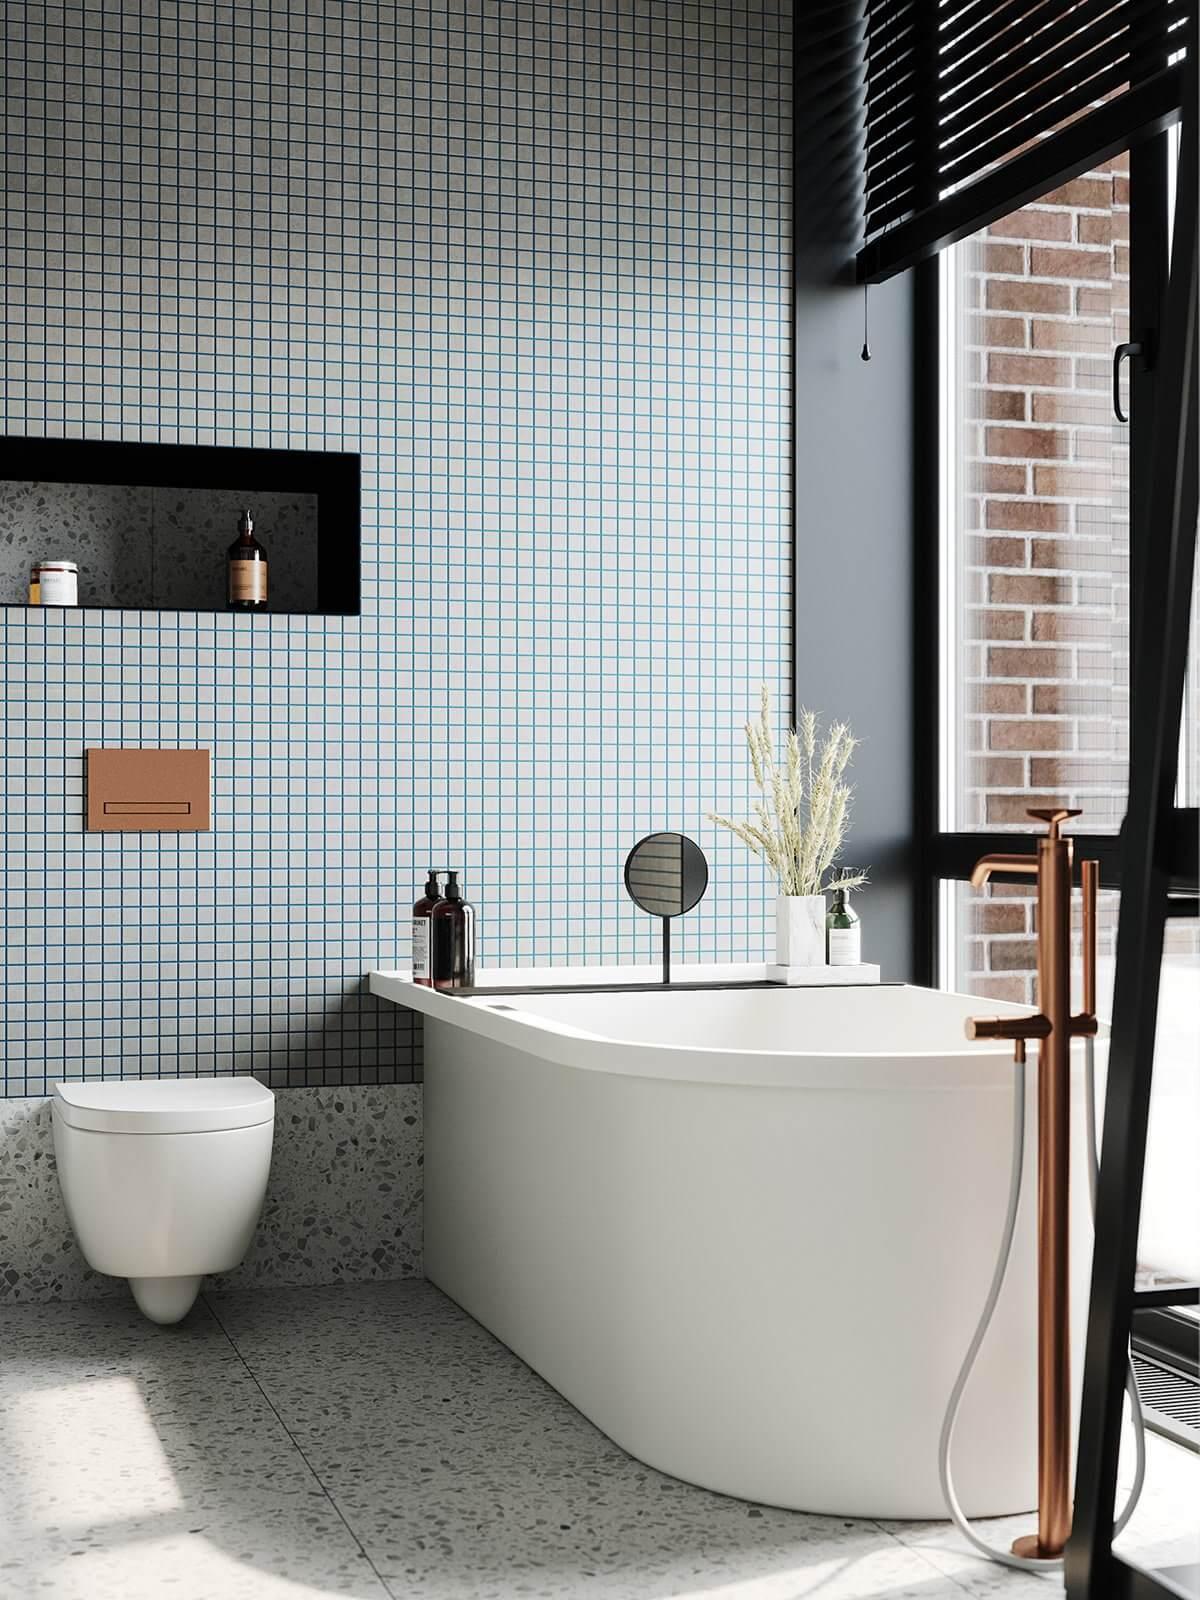 Apartment Presnya City Moscow bathroom design bathtub wc 2 - cgi visualization